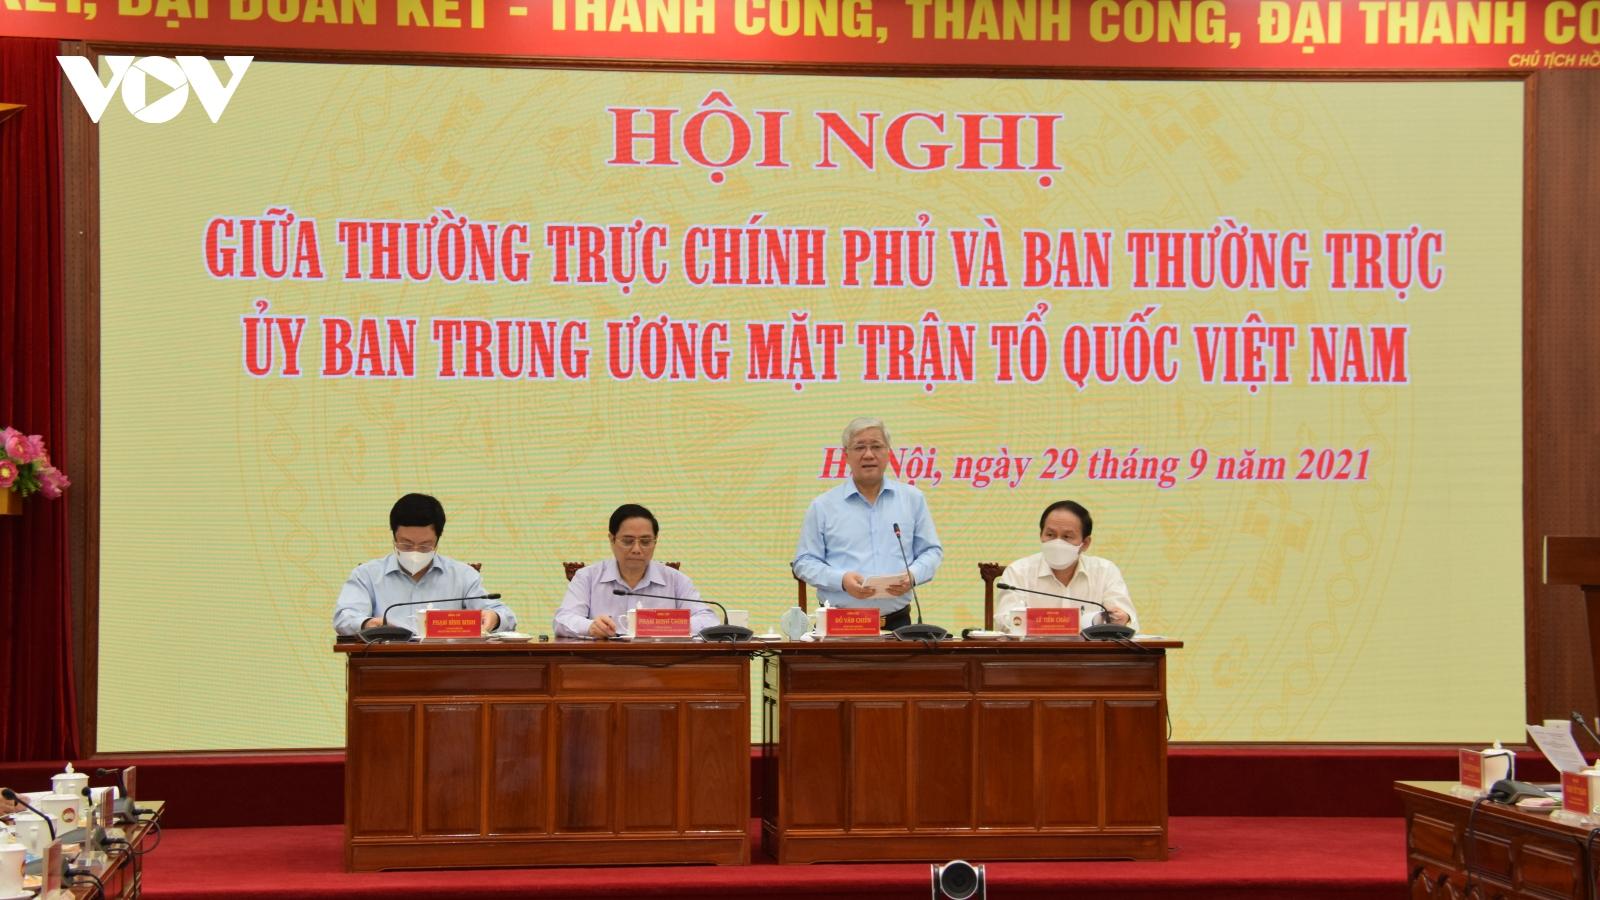 Thủ tướng: Mặt trận Tổ quốc Việt Nam cần phối hợp chặt chẽ hơn với Chính phủ